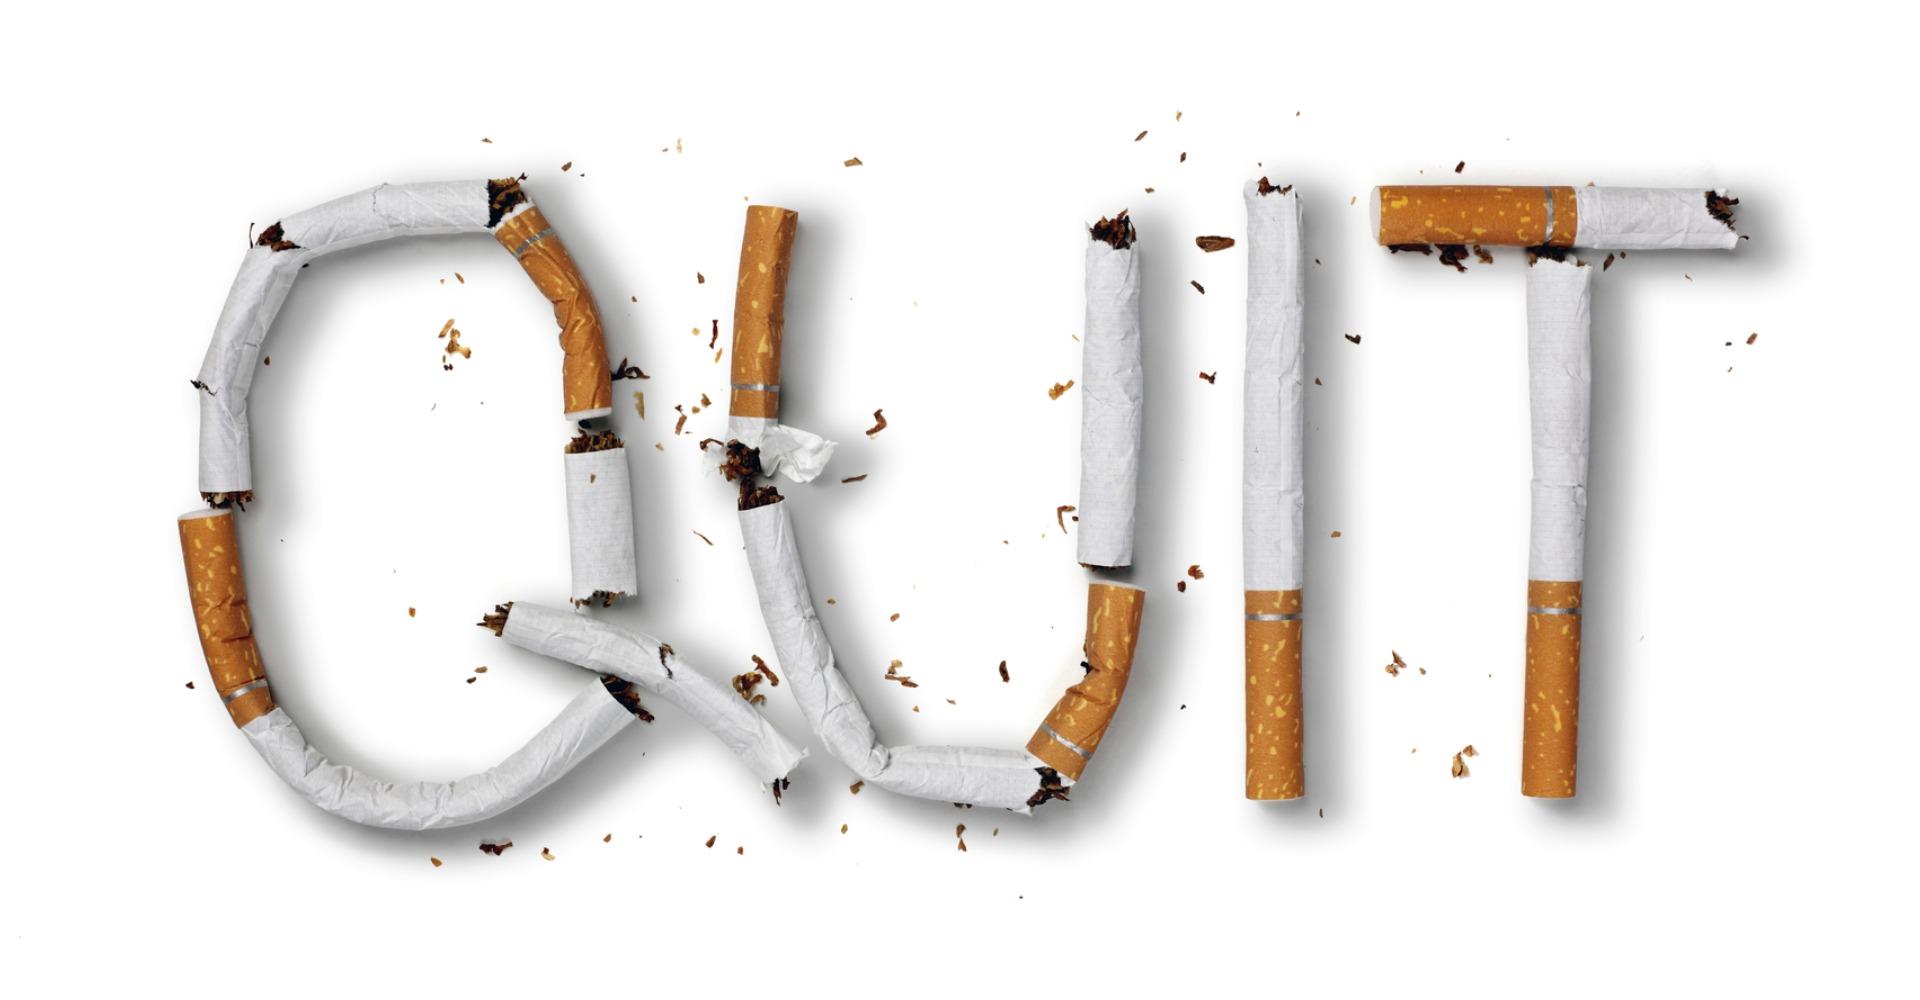 Quit Smoking Tips: सिगरेट की लत से हैं परेशान, तो अपने खाने में शामिल करें ये चीजें और खुद देखें नतीजा